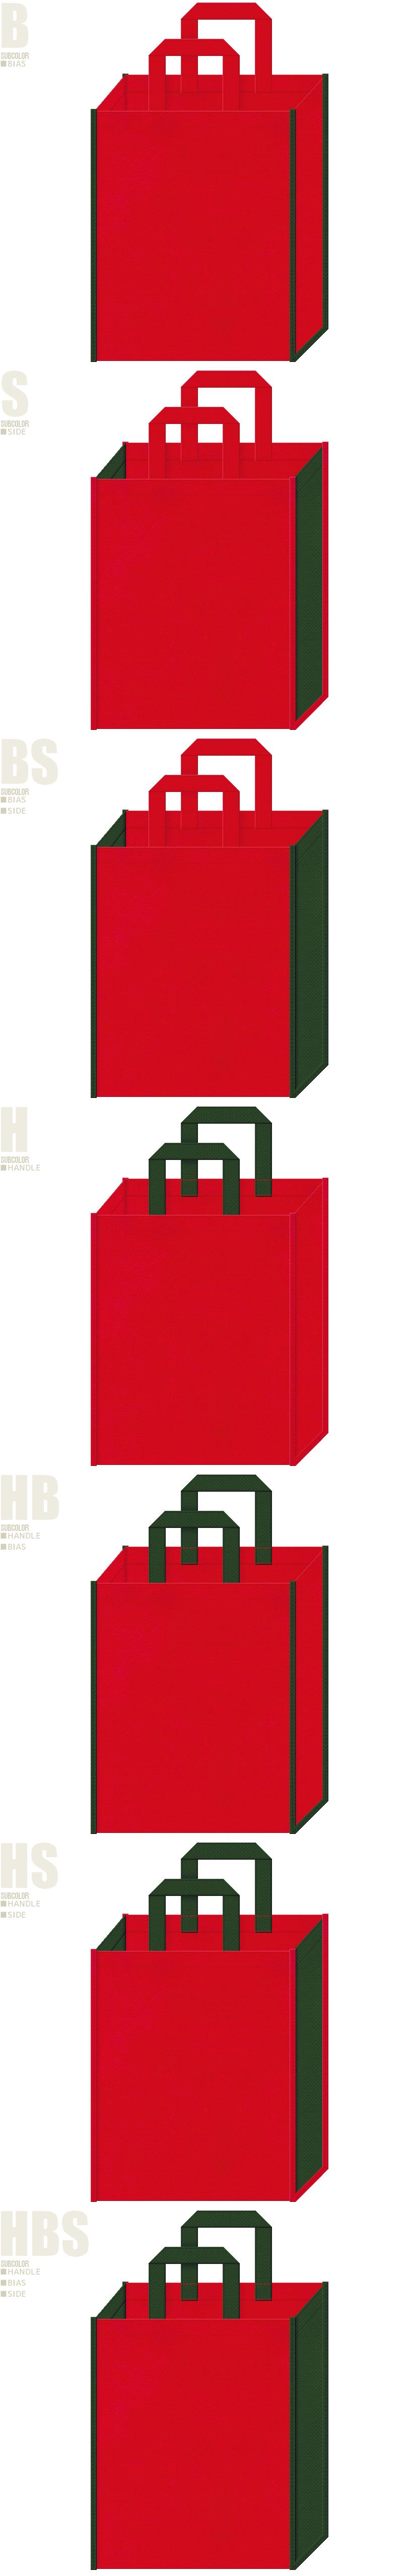 トマト・スイカ・イチゴ・クリスマスのイメージにお奨めの不織布バッグのデザイン:紅色と濃緑色の配色7パターン